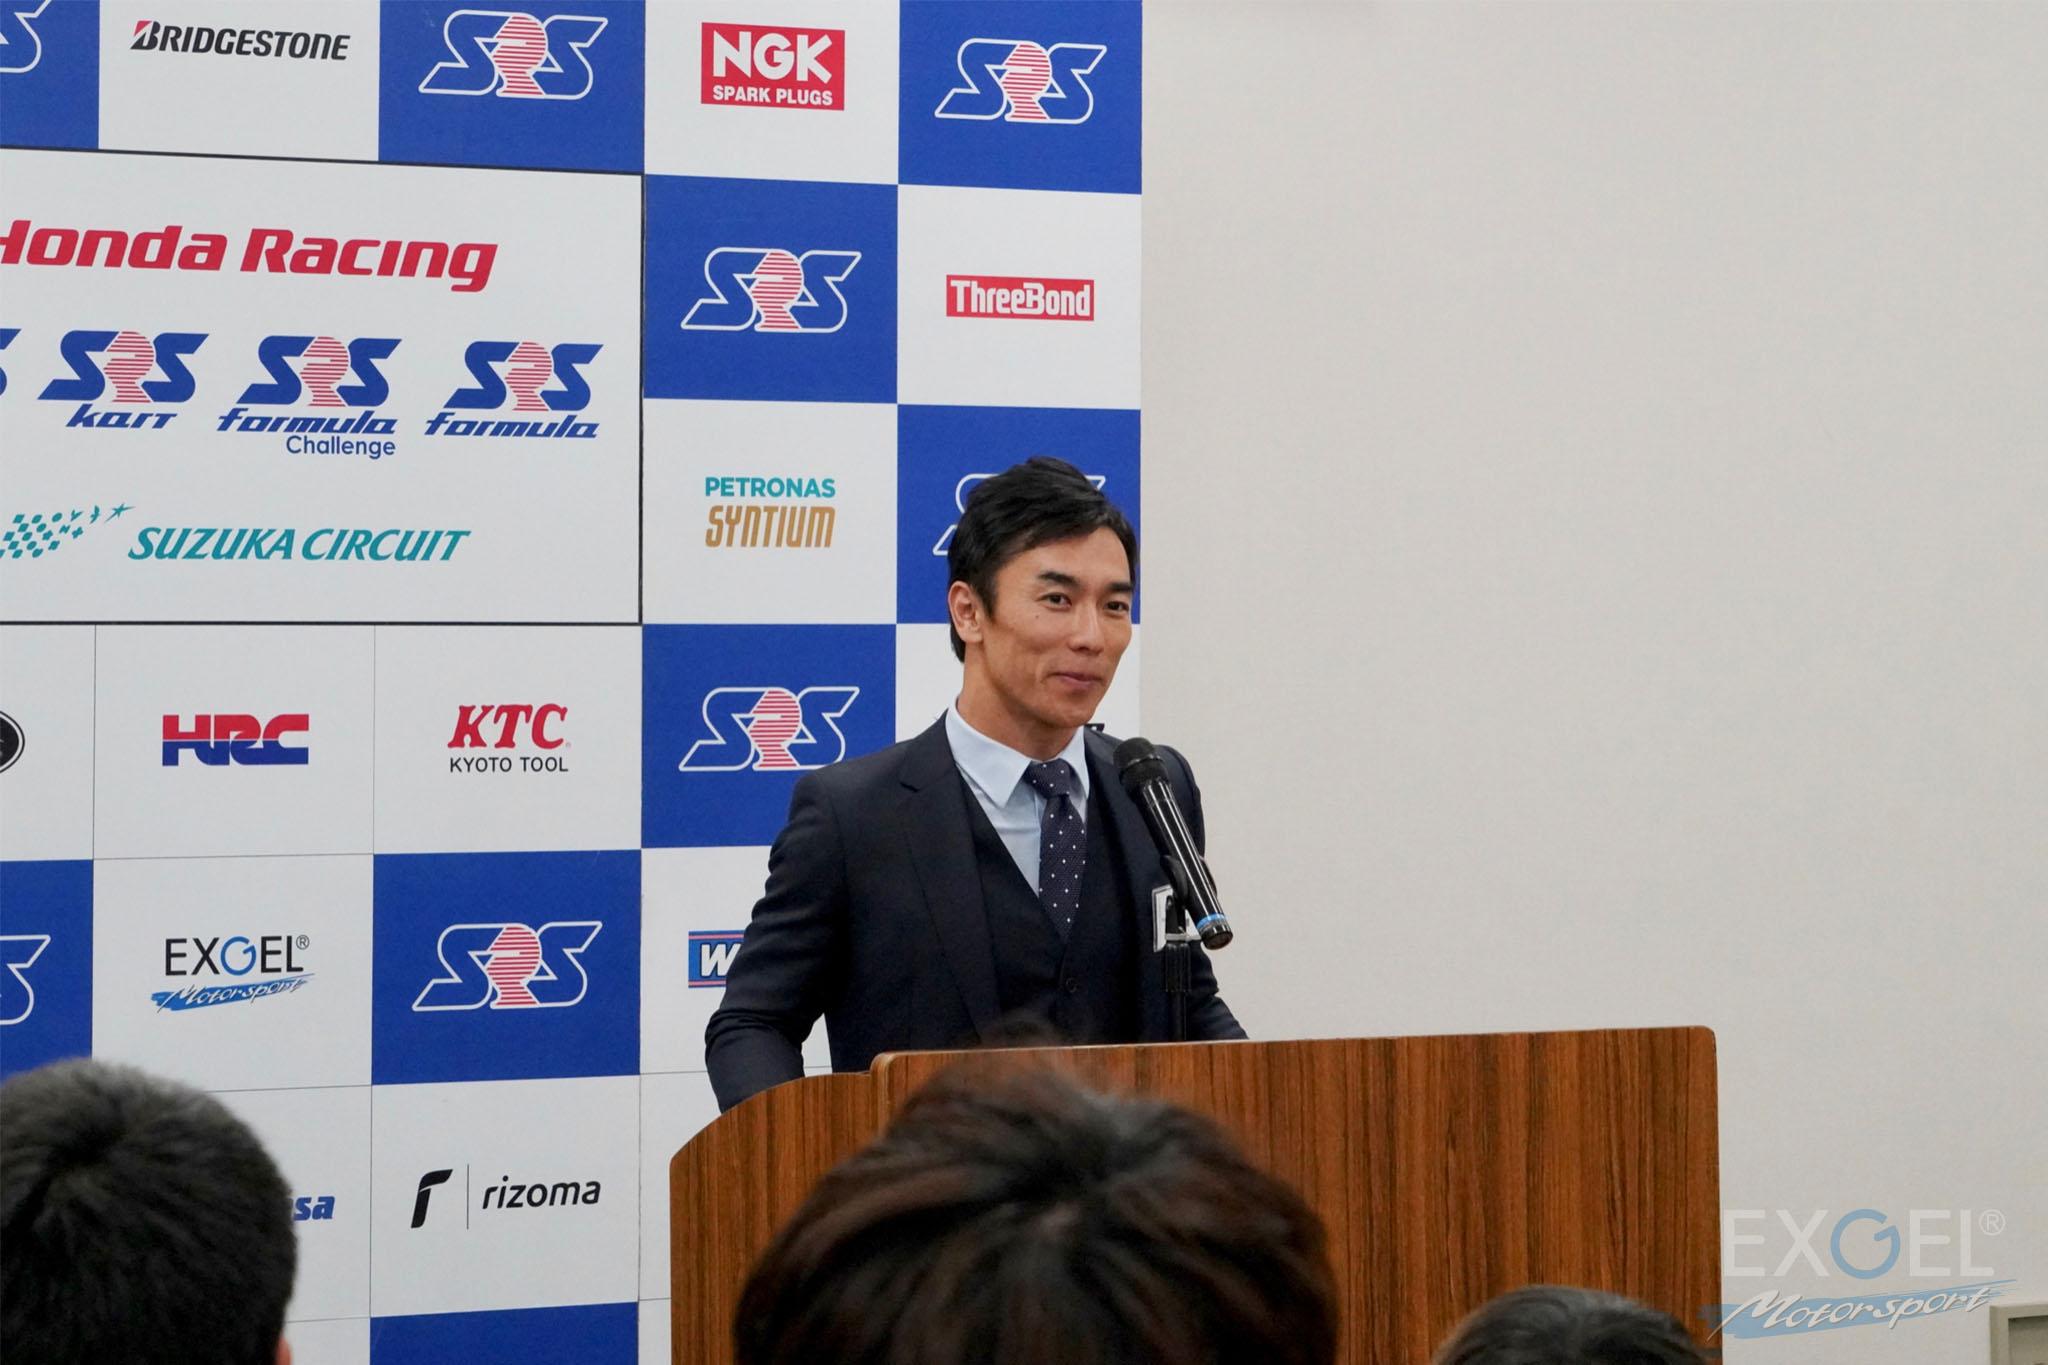 SRSの校長に就任した佐藤琢磨氏